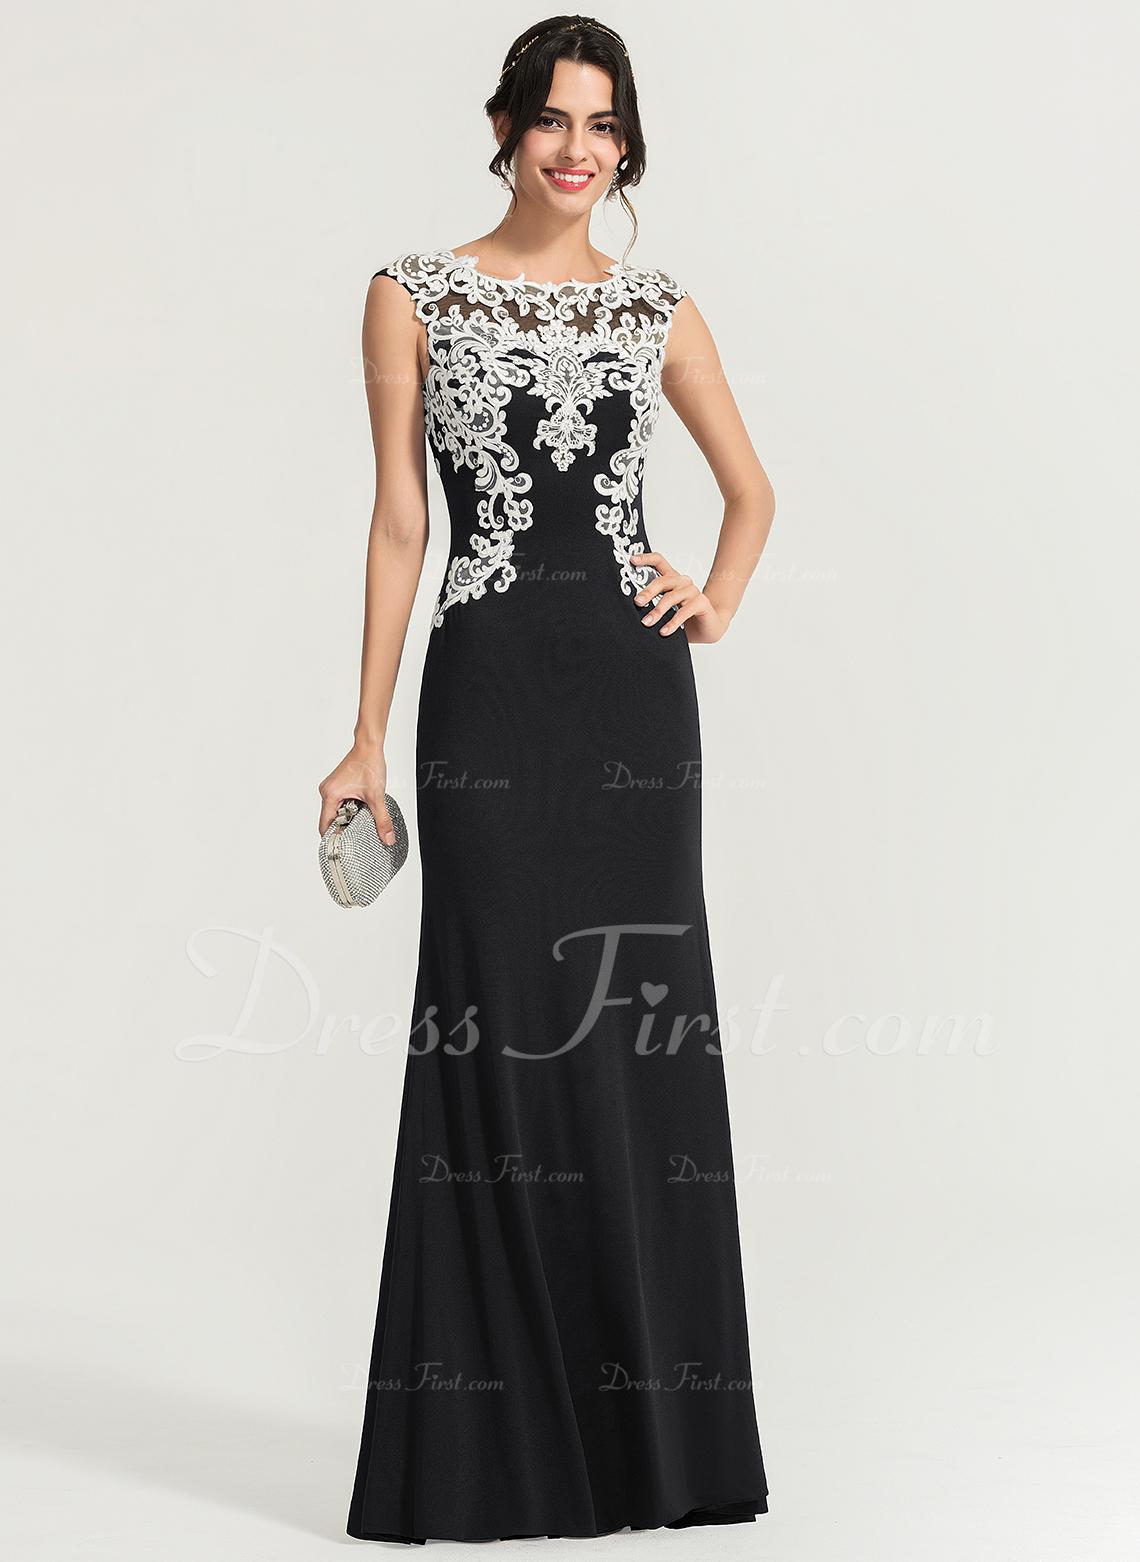 シース スクープネック マキシレングス Jersey プロム用ドレス